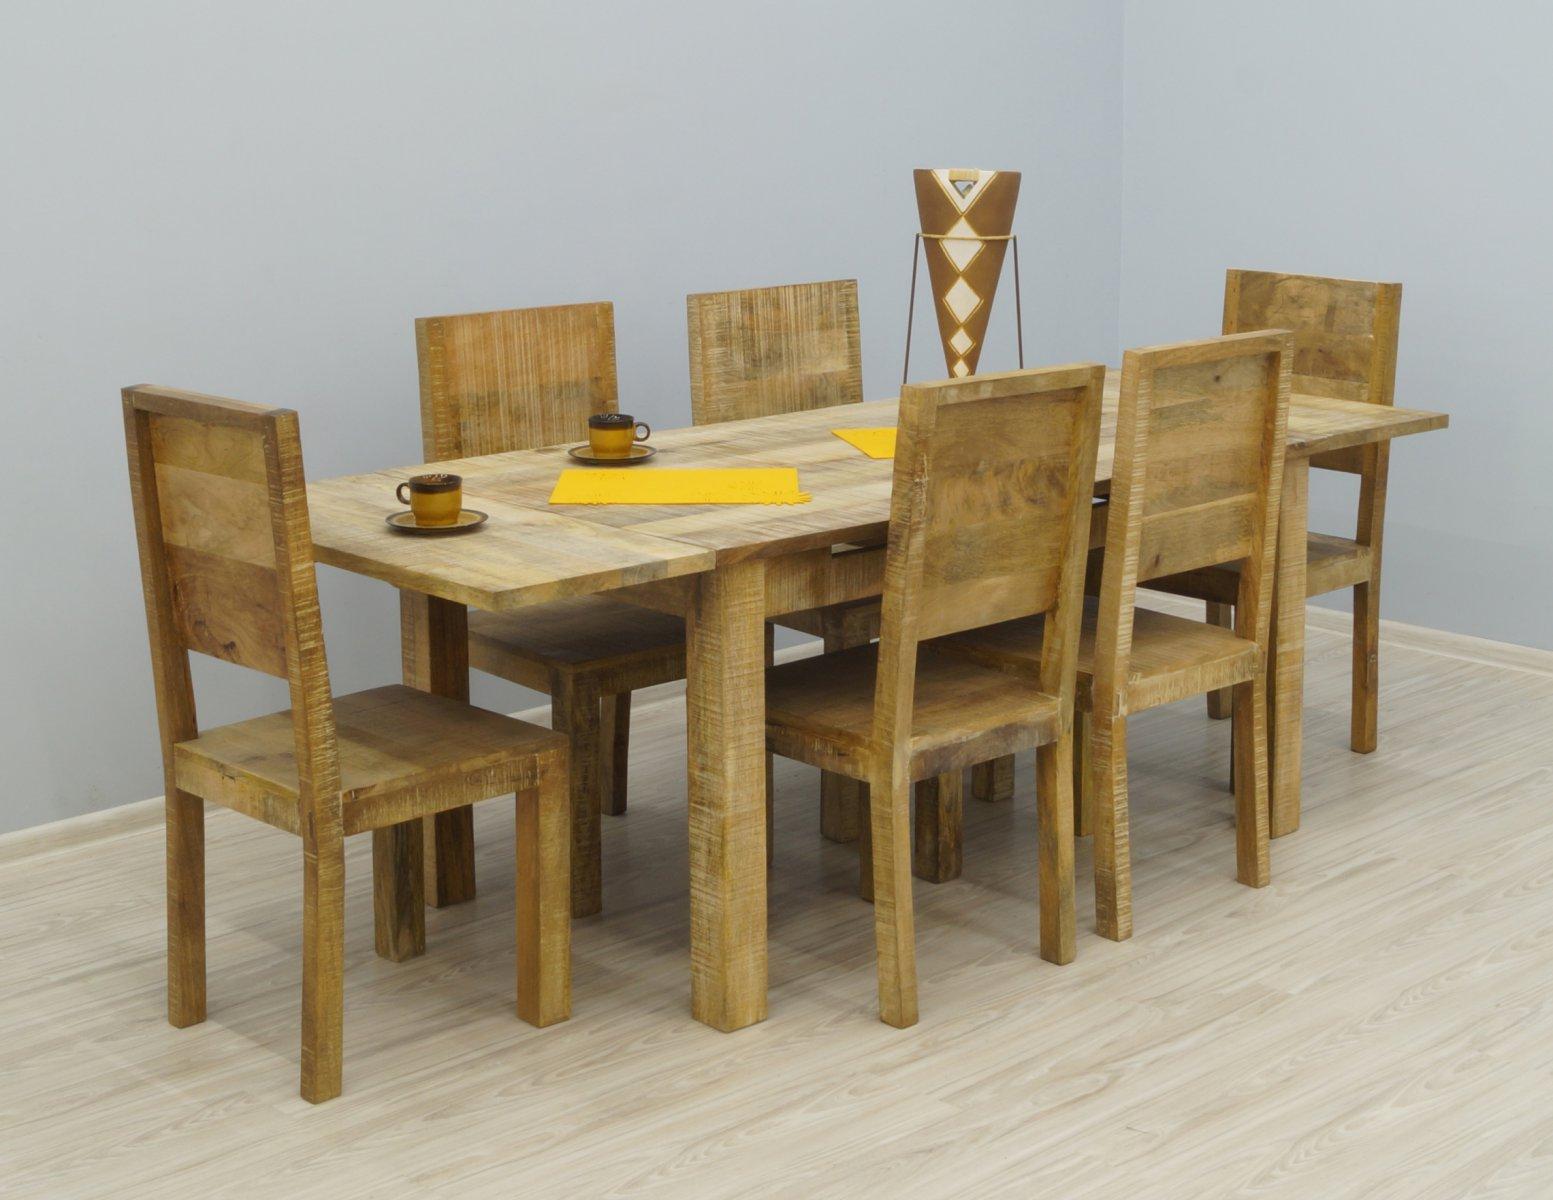 Komplet obiadowy kolonialny stół rozkładany+ 6 krzeseł lite drewno mango styl industrialny